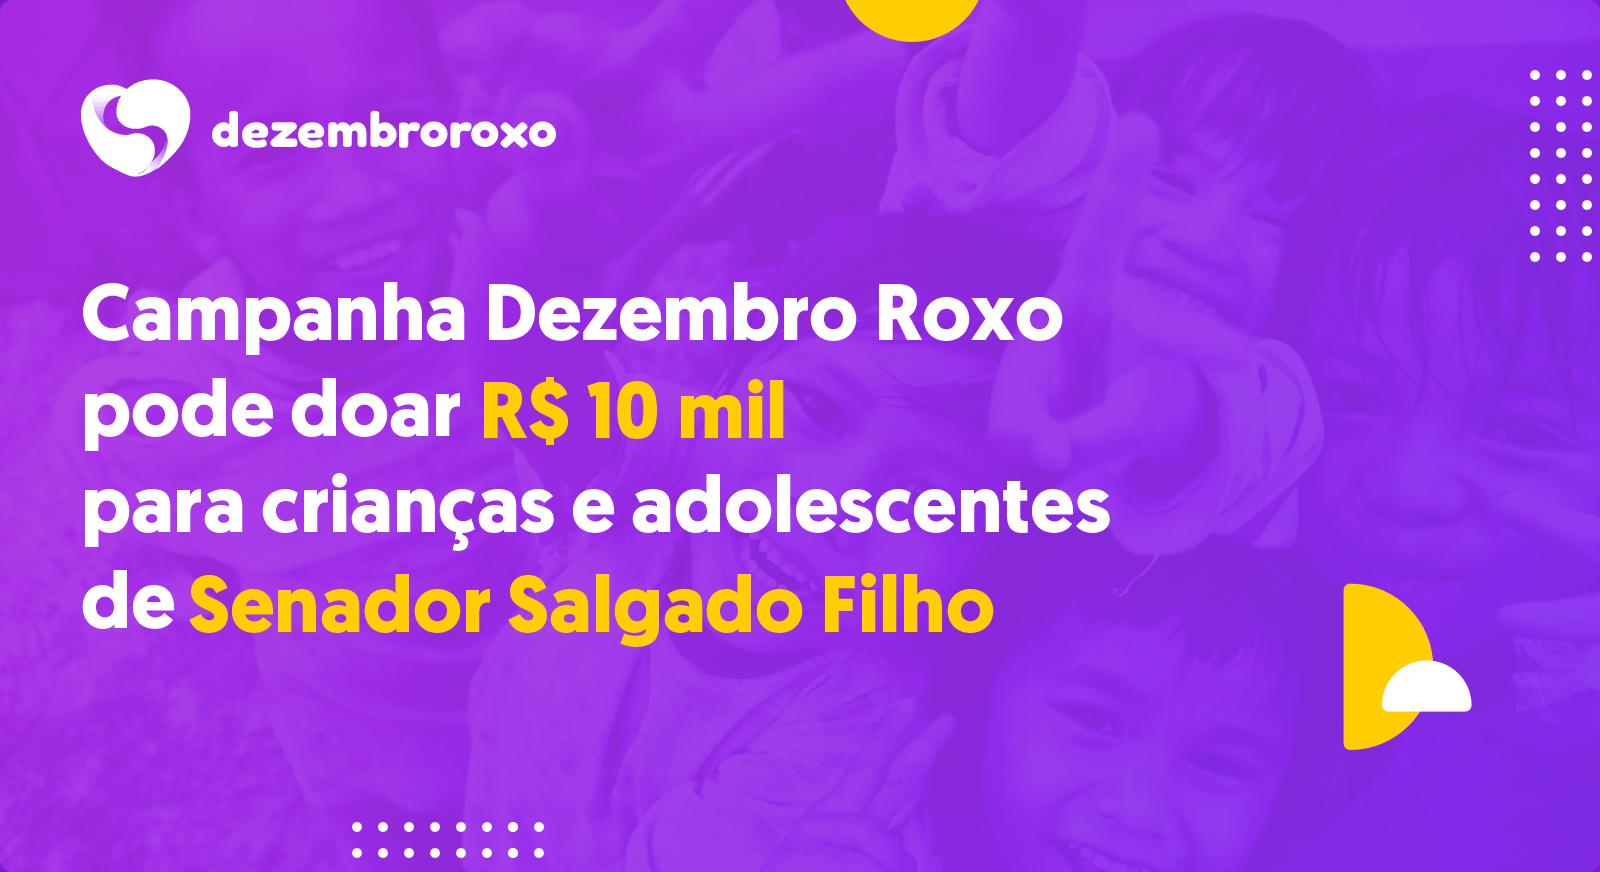 Doações em Senador Salgado Filho - RS